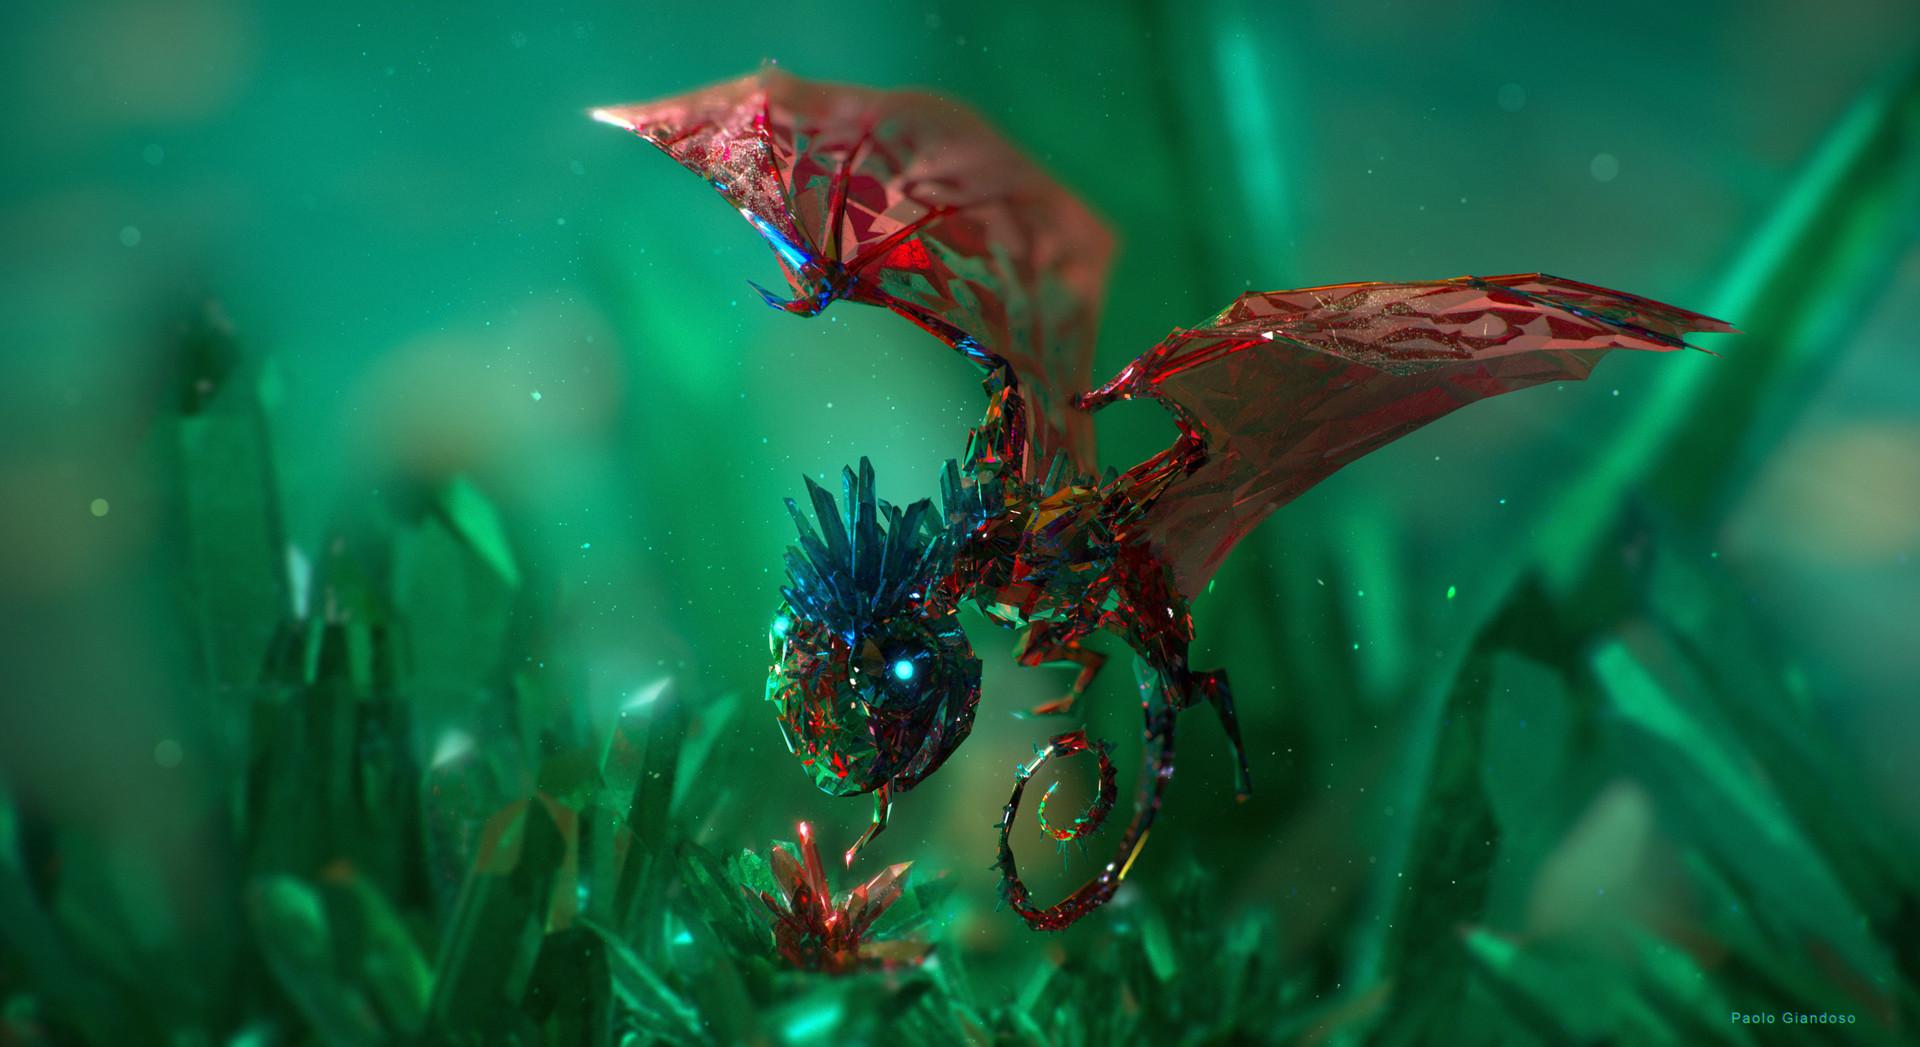 """giandoso gem eater 3d """"Gem Eater"""",un piccolo drago di cristallo sul Piano Elementale del Minerale-Verde e Rosso - by Paolo Giandoso www.artstation.com (12-2015) © dell'autore tutti i diritti riservati"""